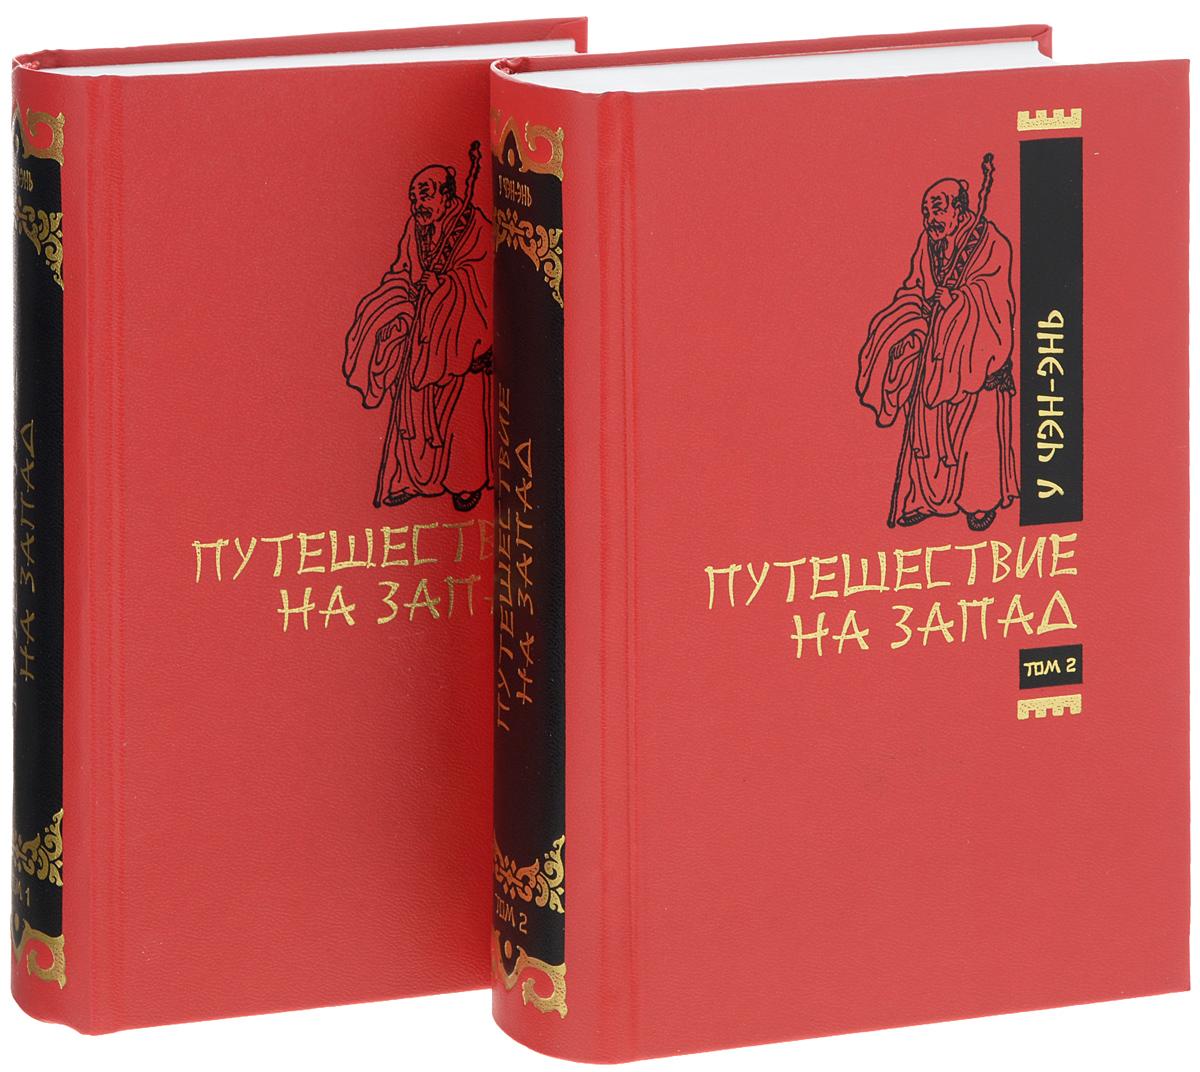 Путешествие на запад. В 2 томах ) развивается эмоционально удовлетворяя